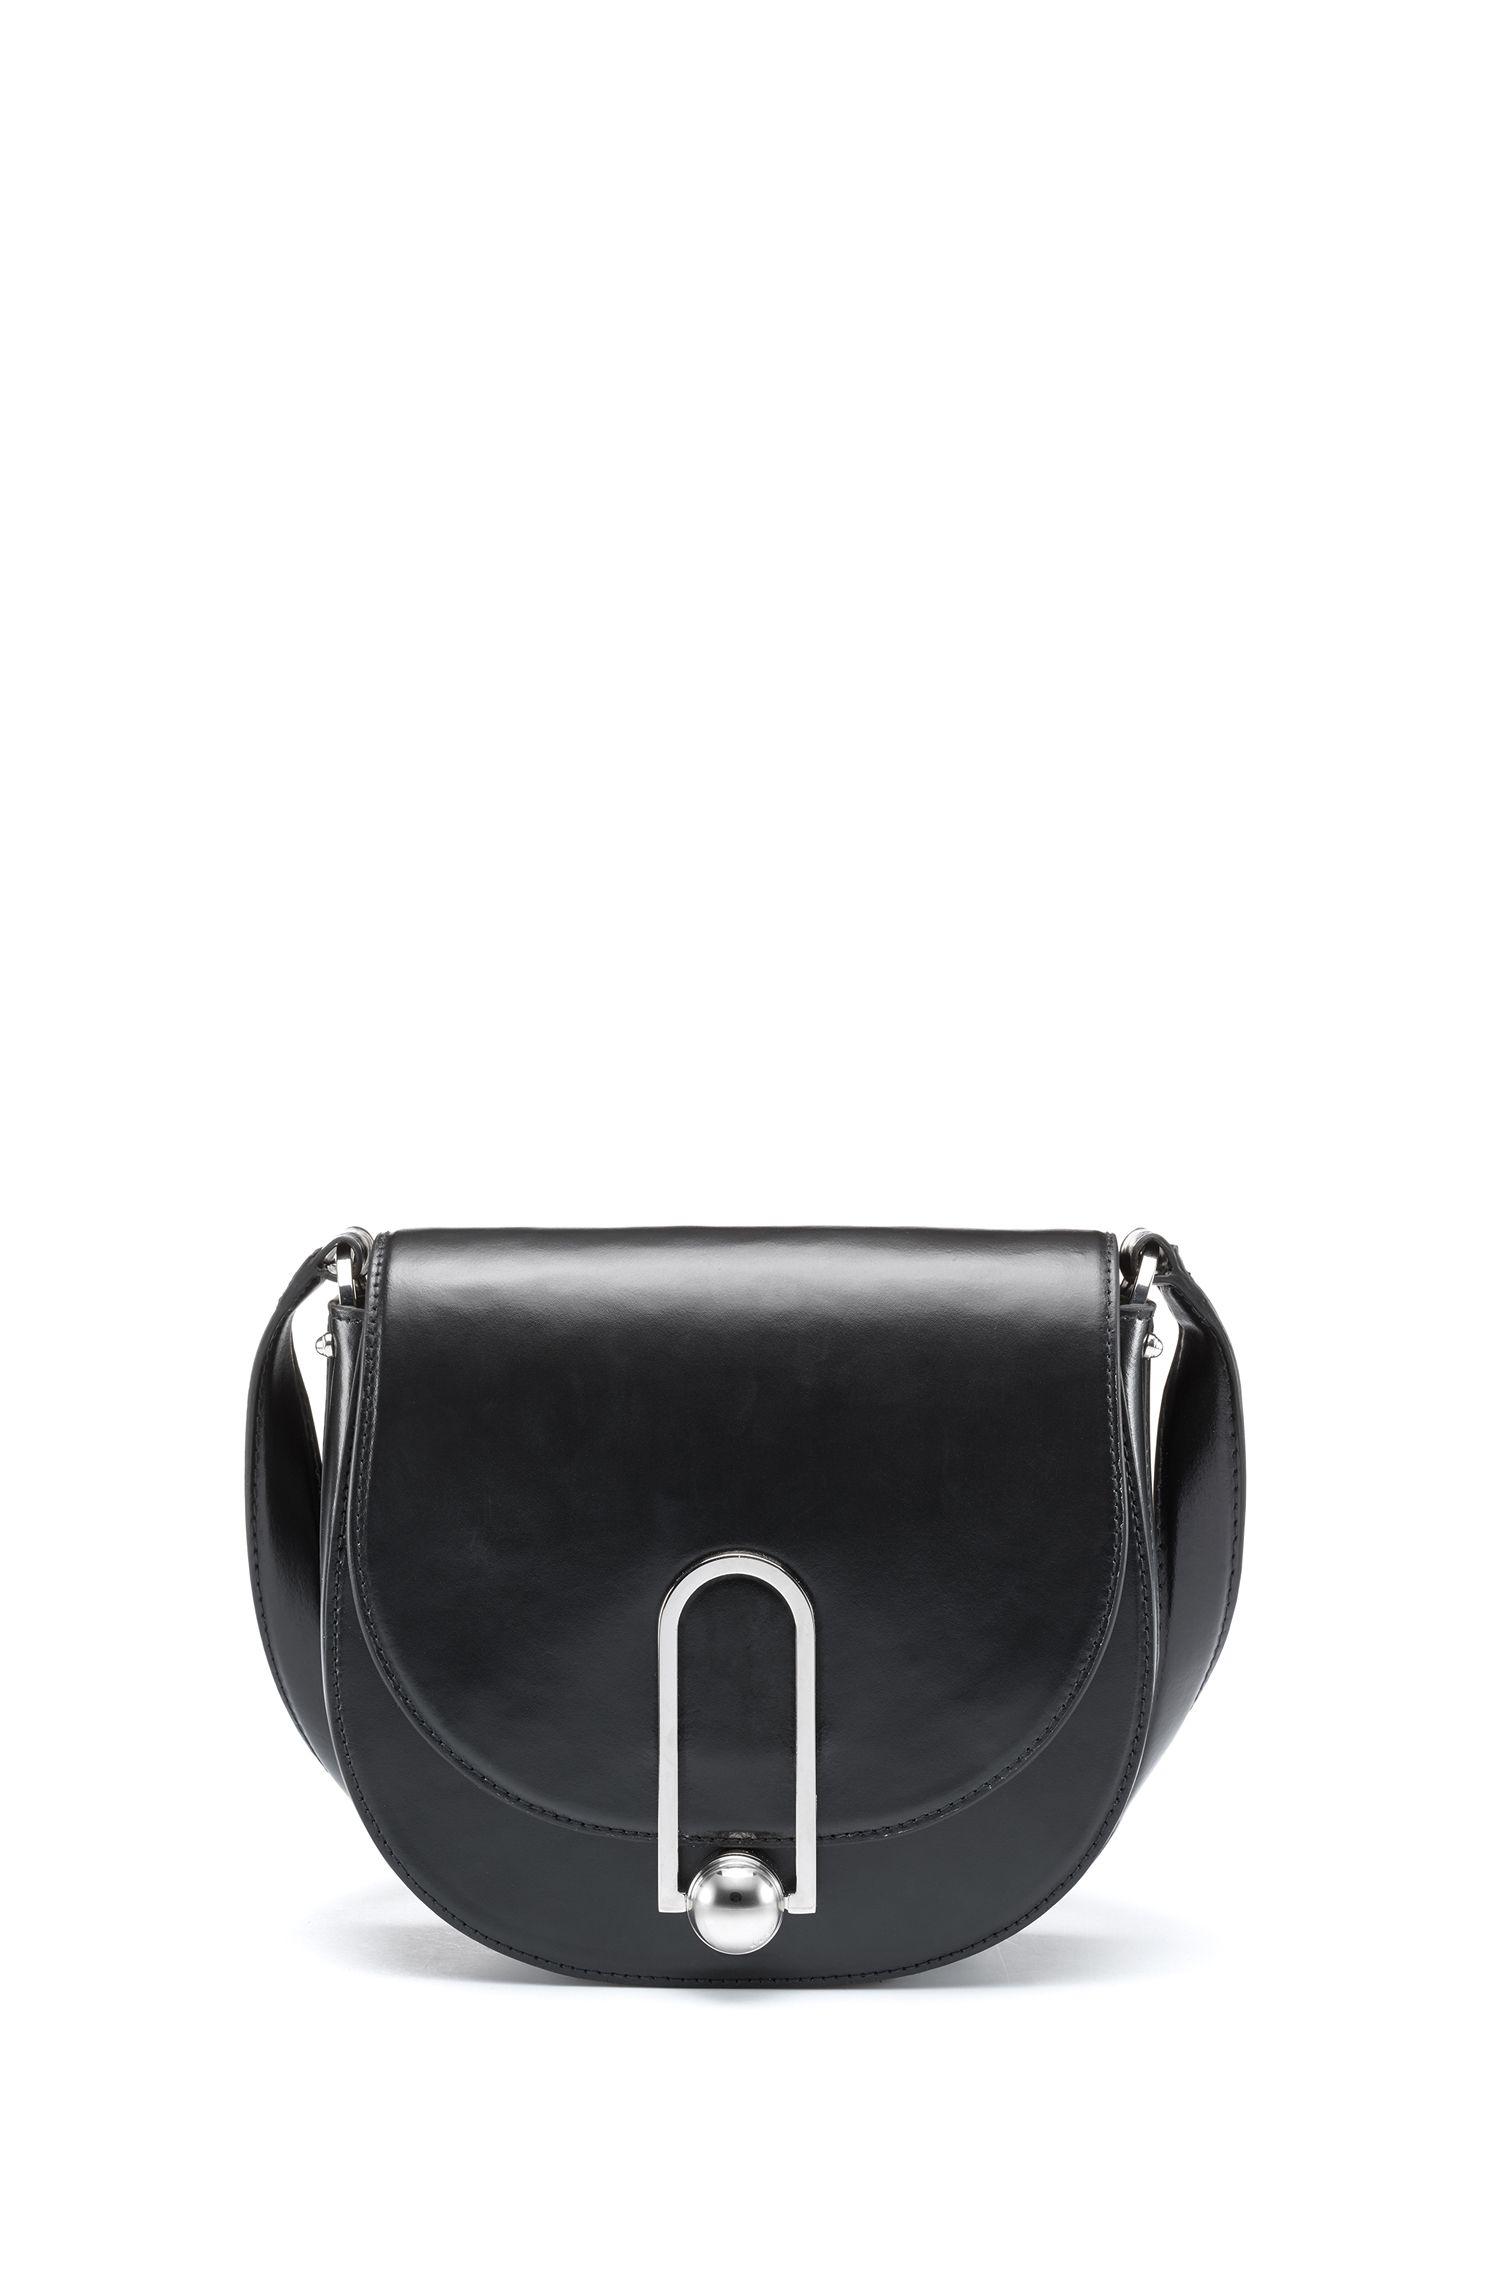 Smooth leather saddle bag with polished hardware